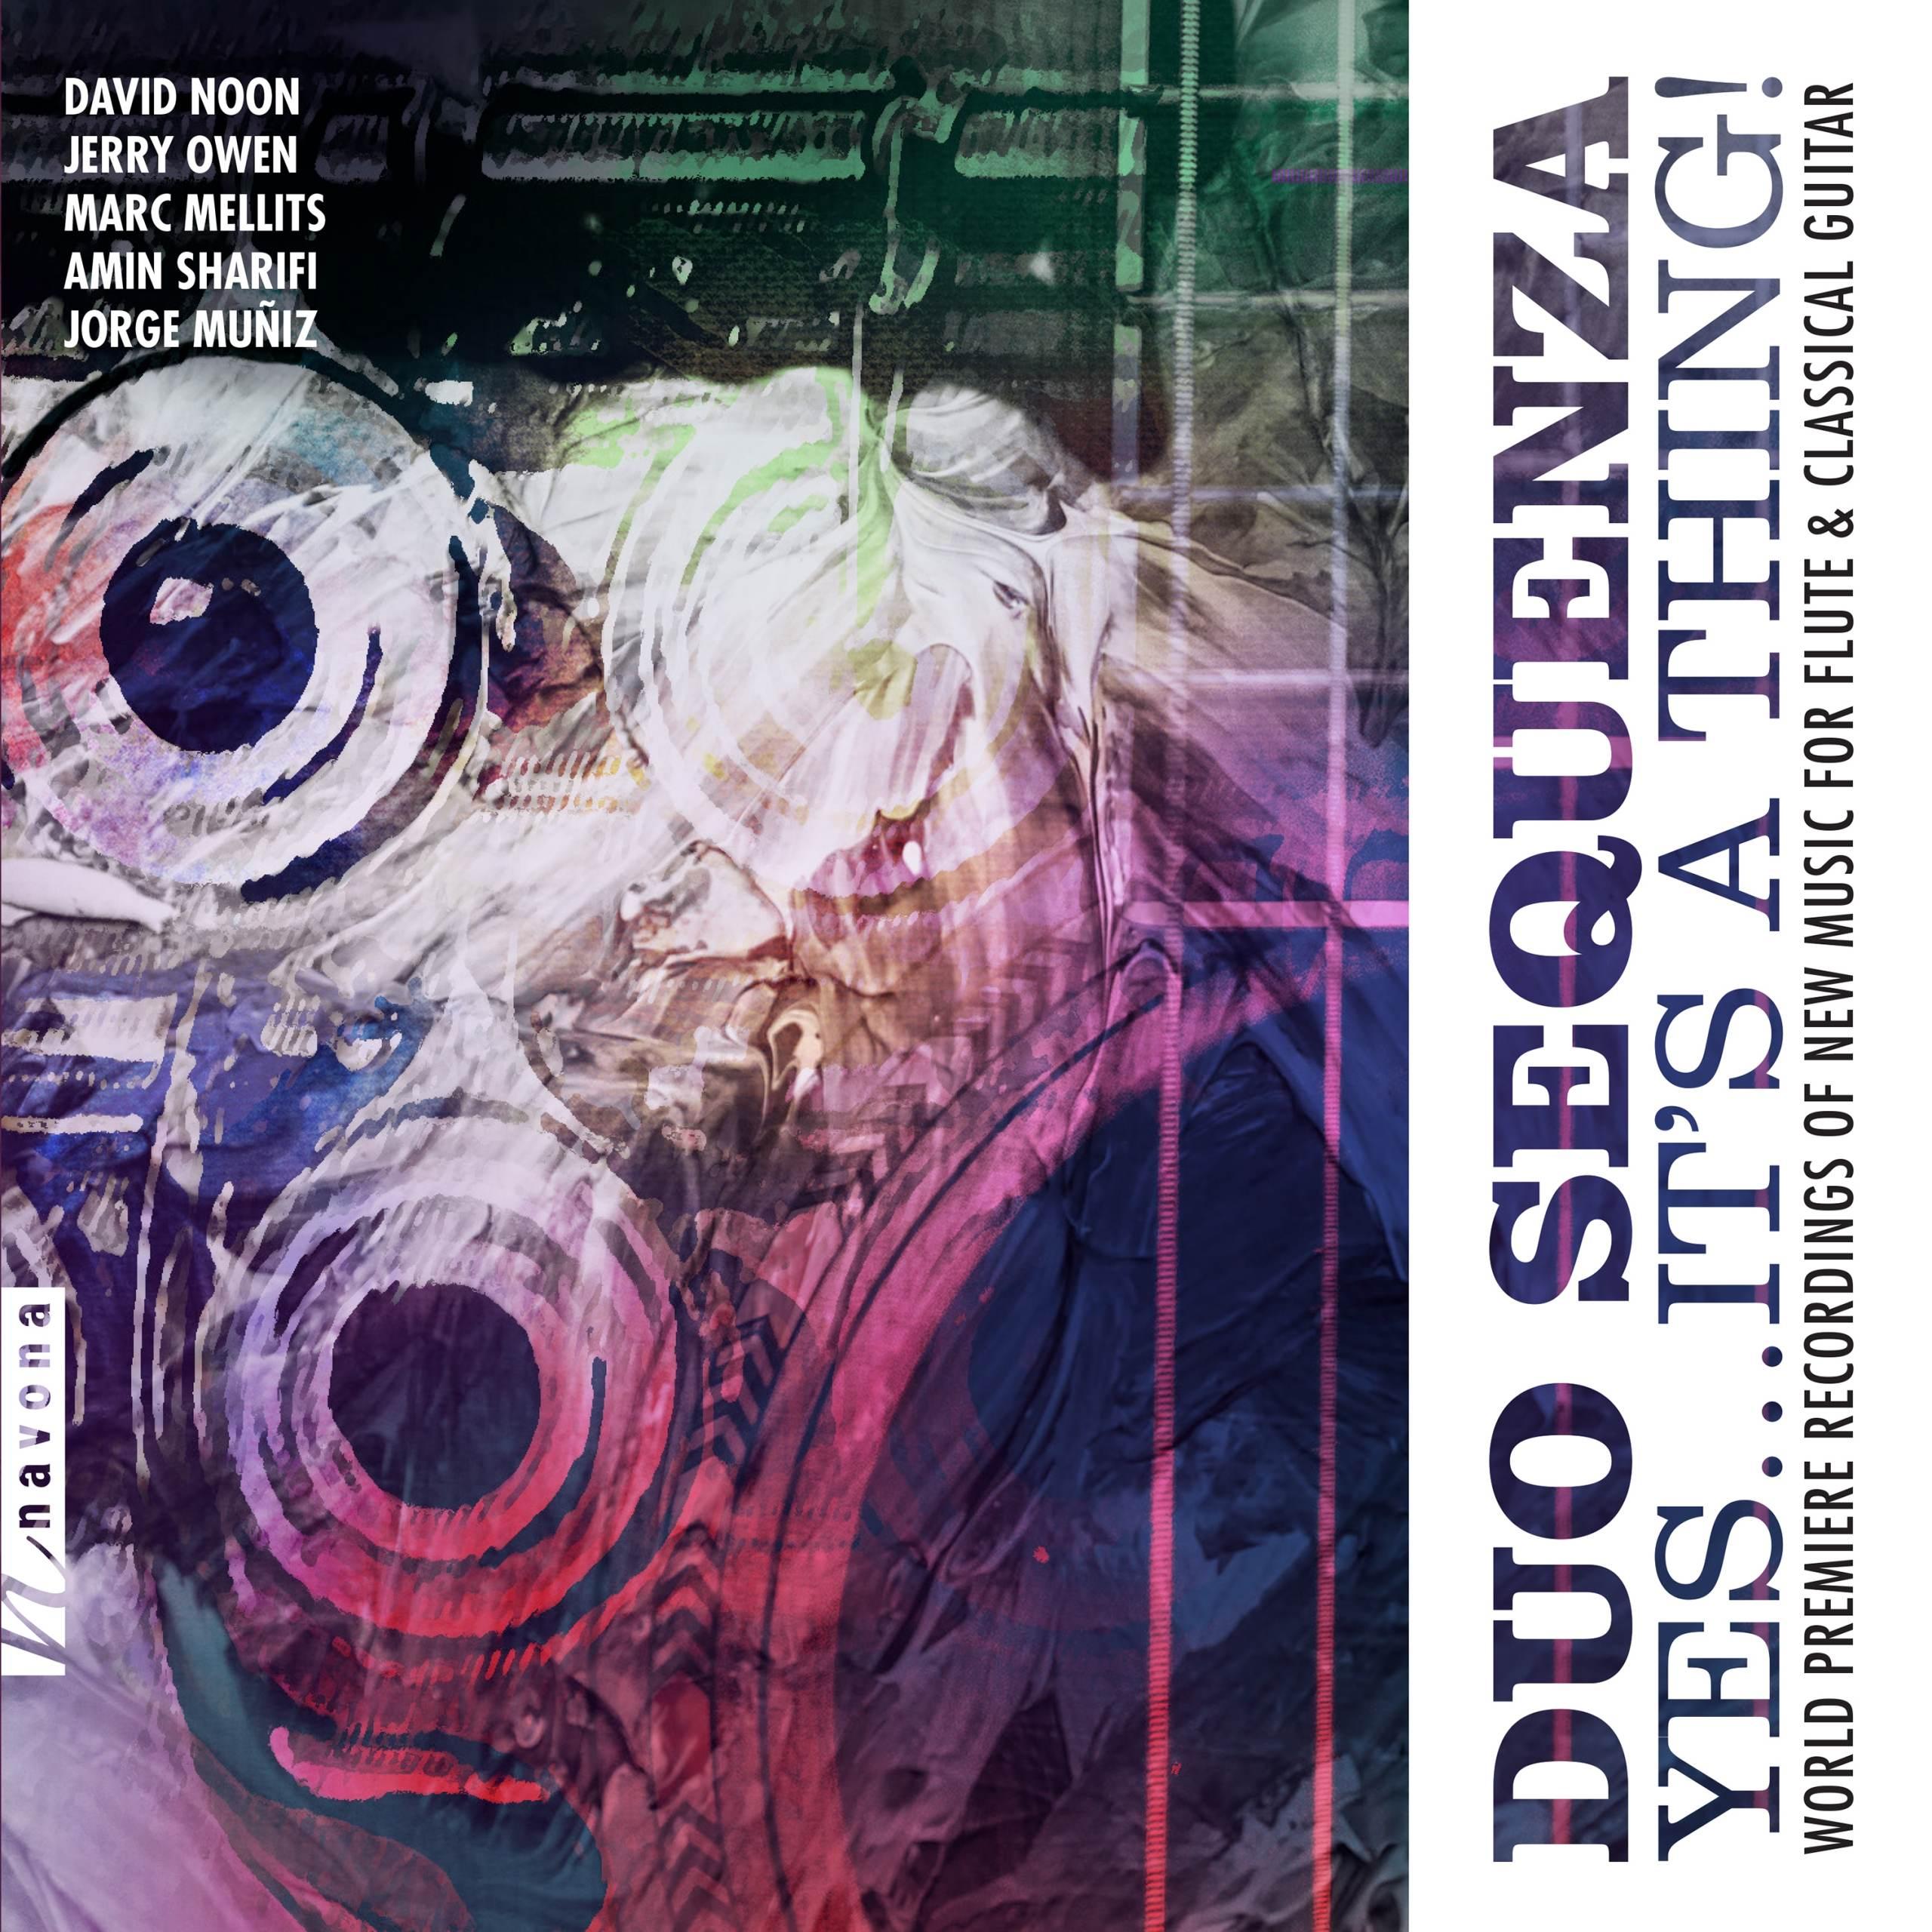 DUO SEQUENZA - Album Cover